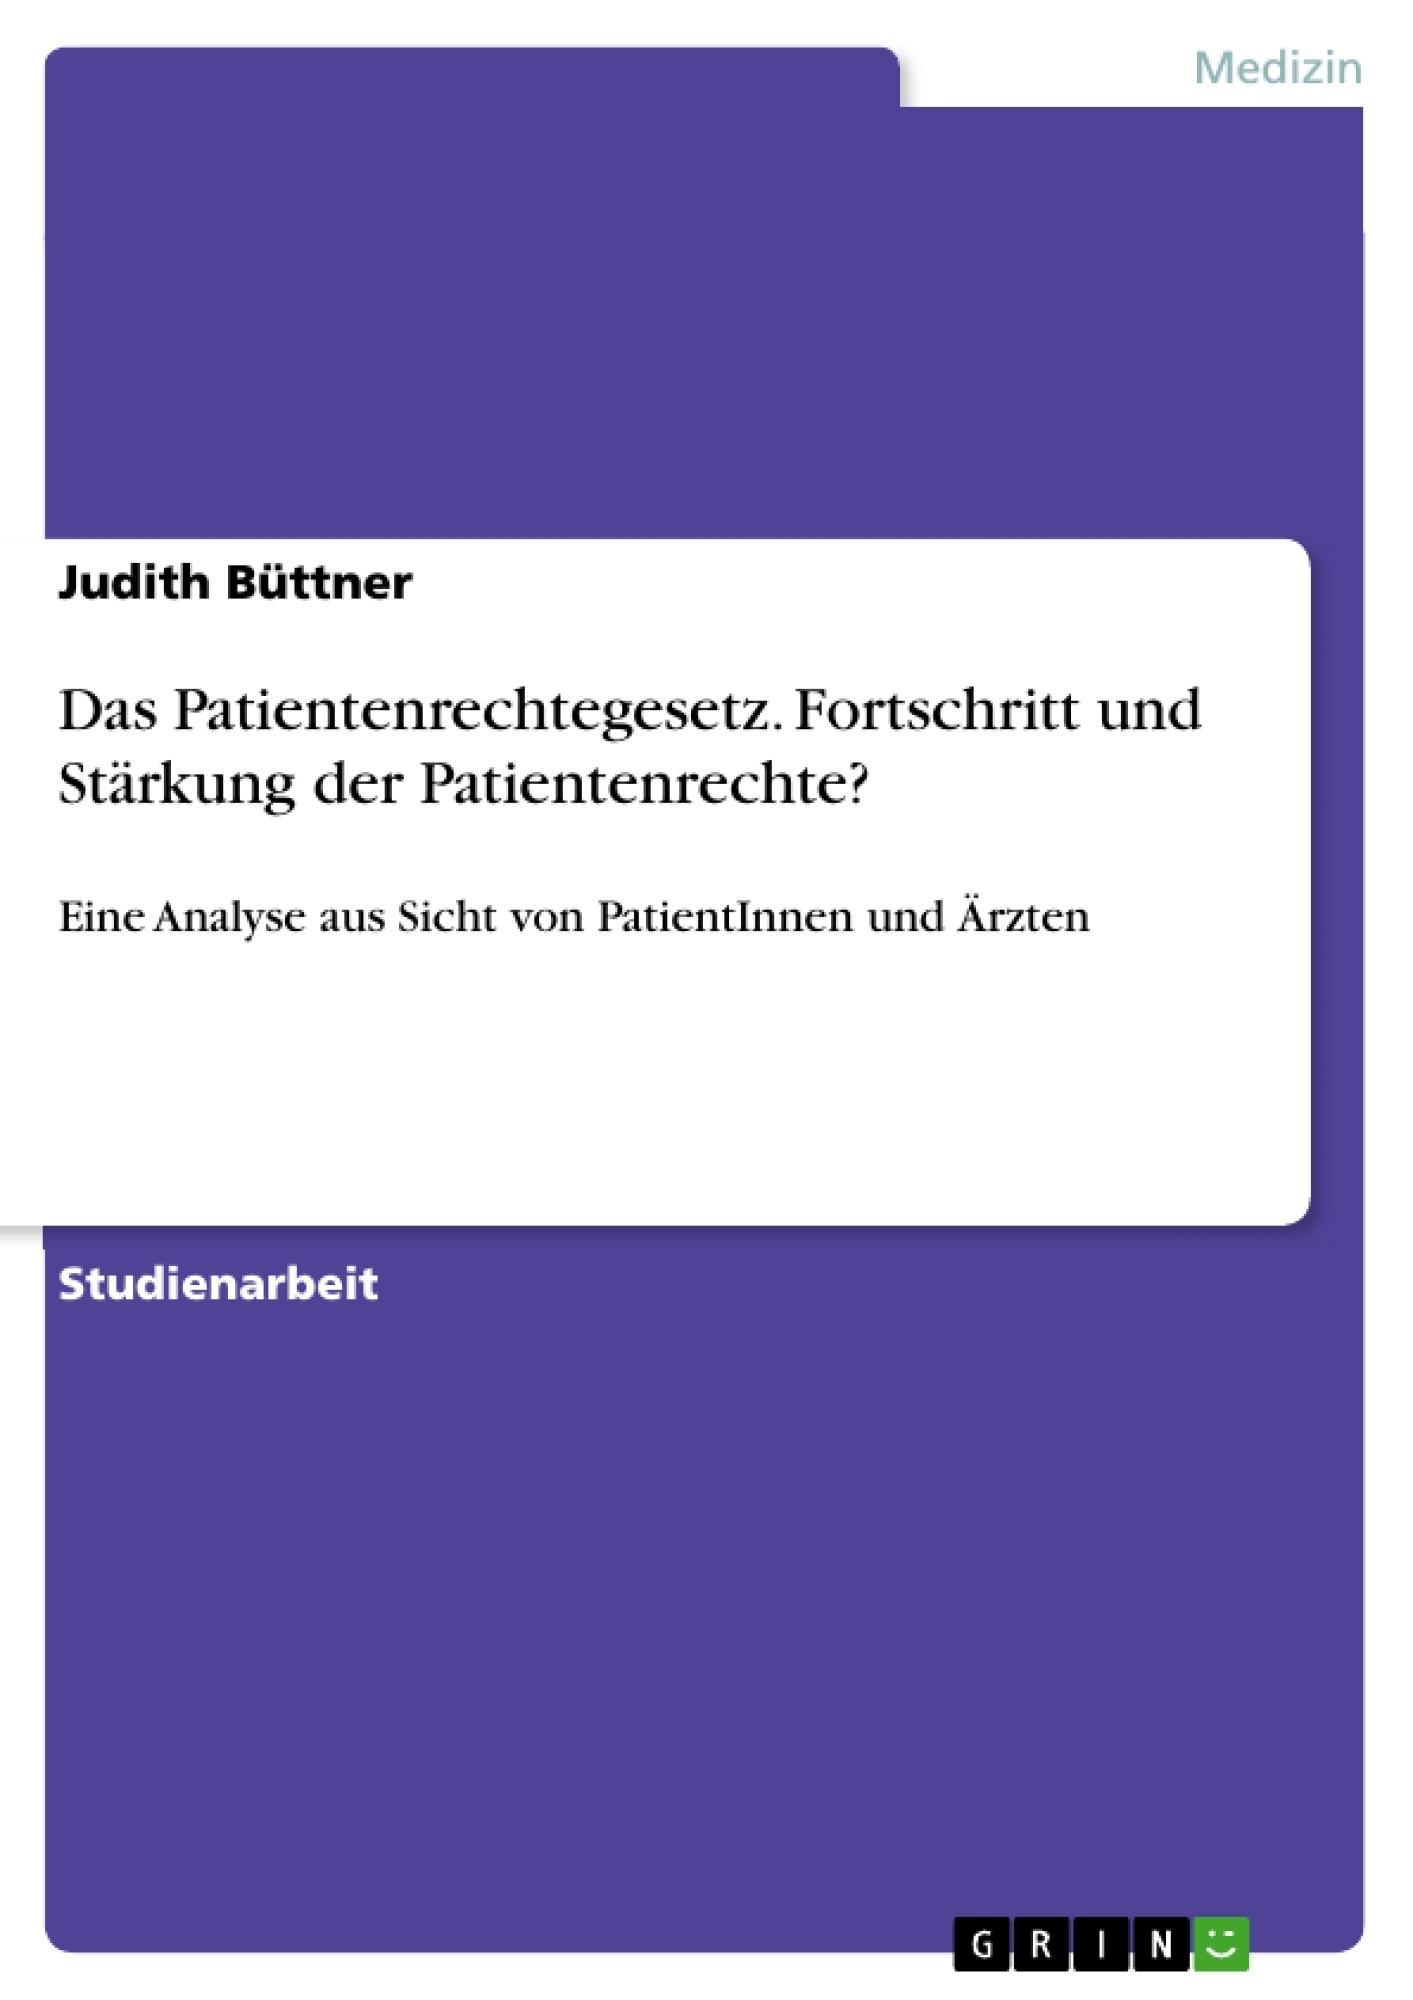 Titel: Das Patientenrechtegesetz. Fortschritt und Stärkung der Patientenrechte?